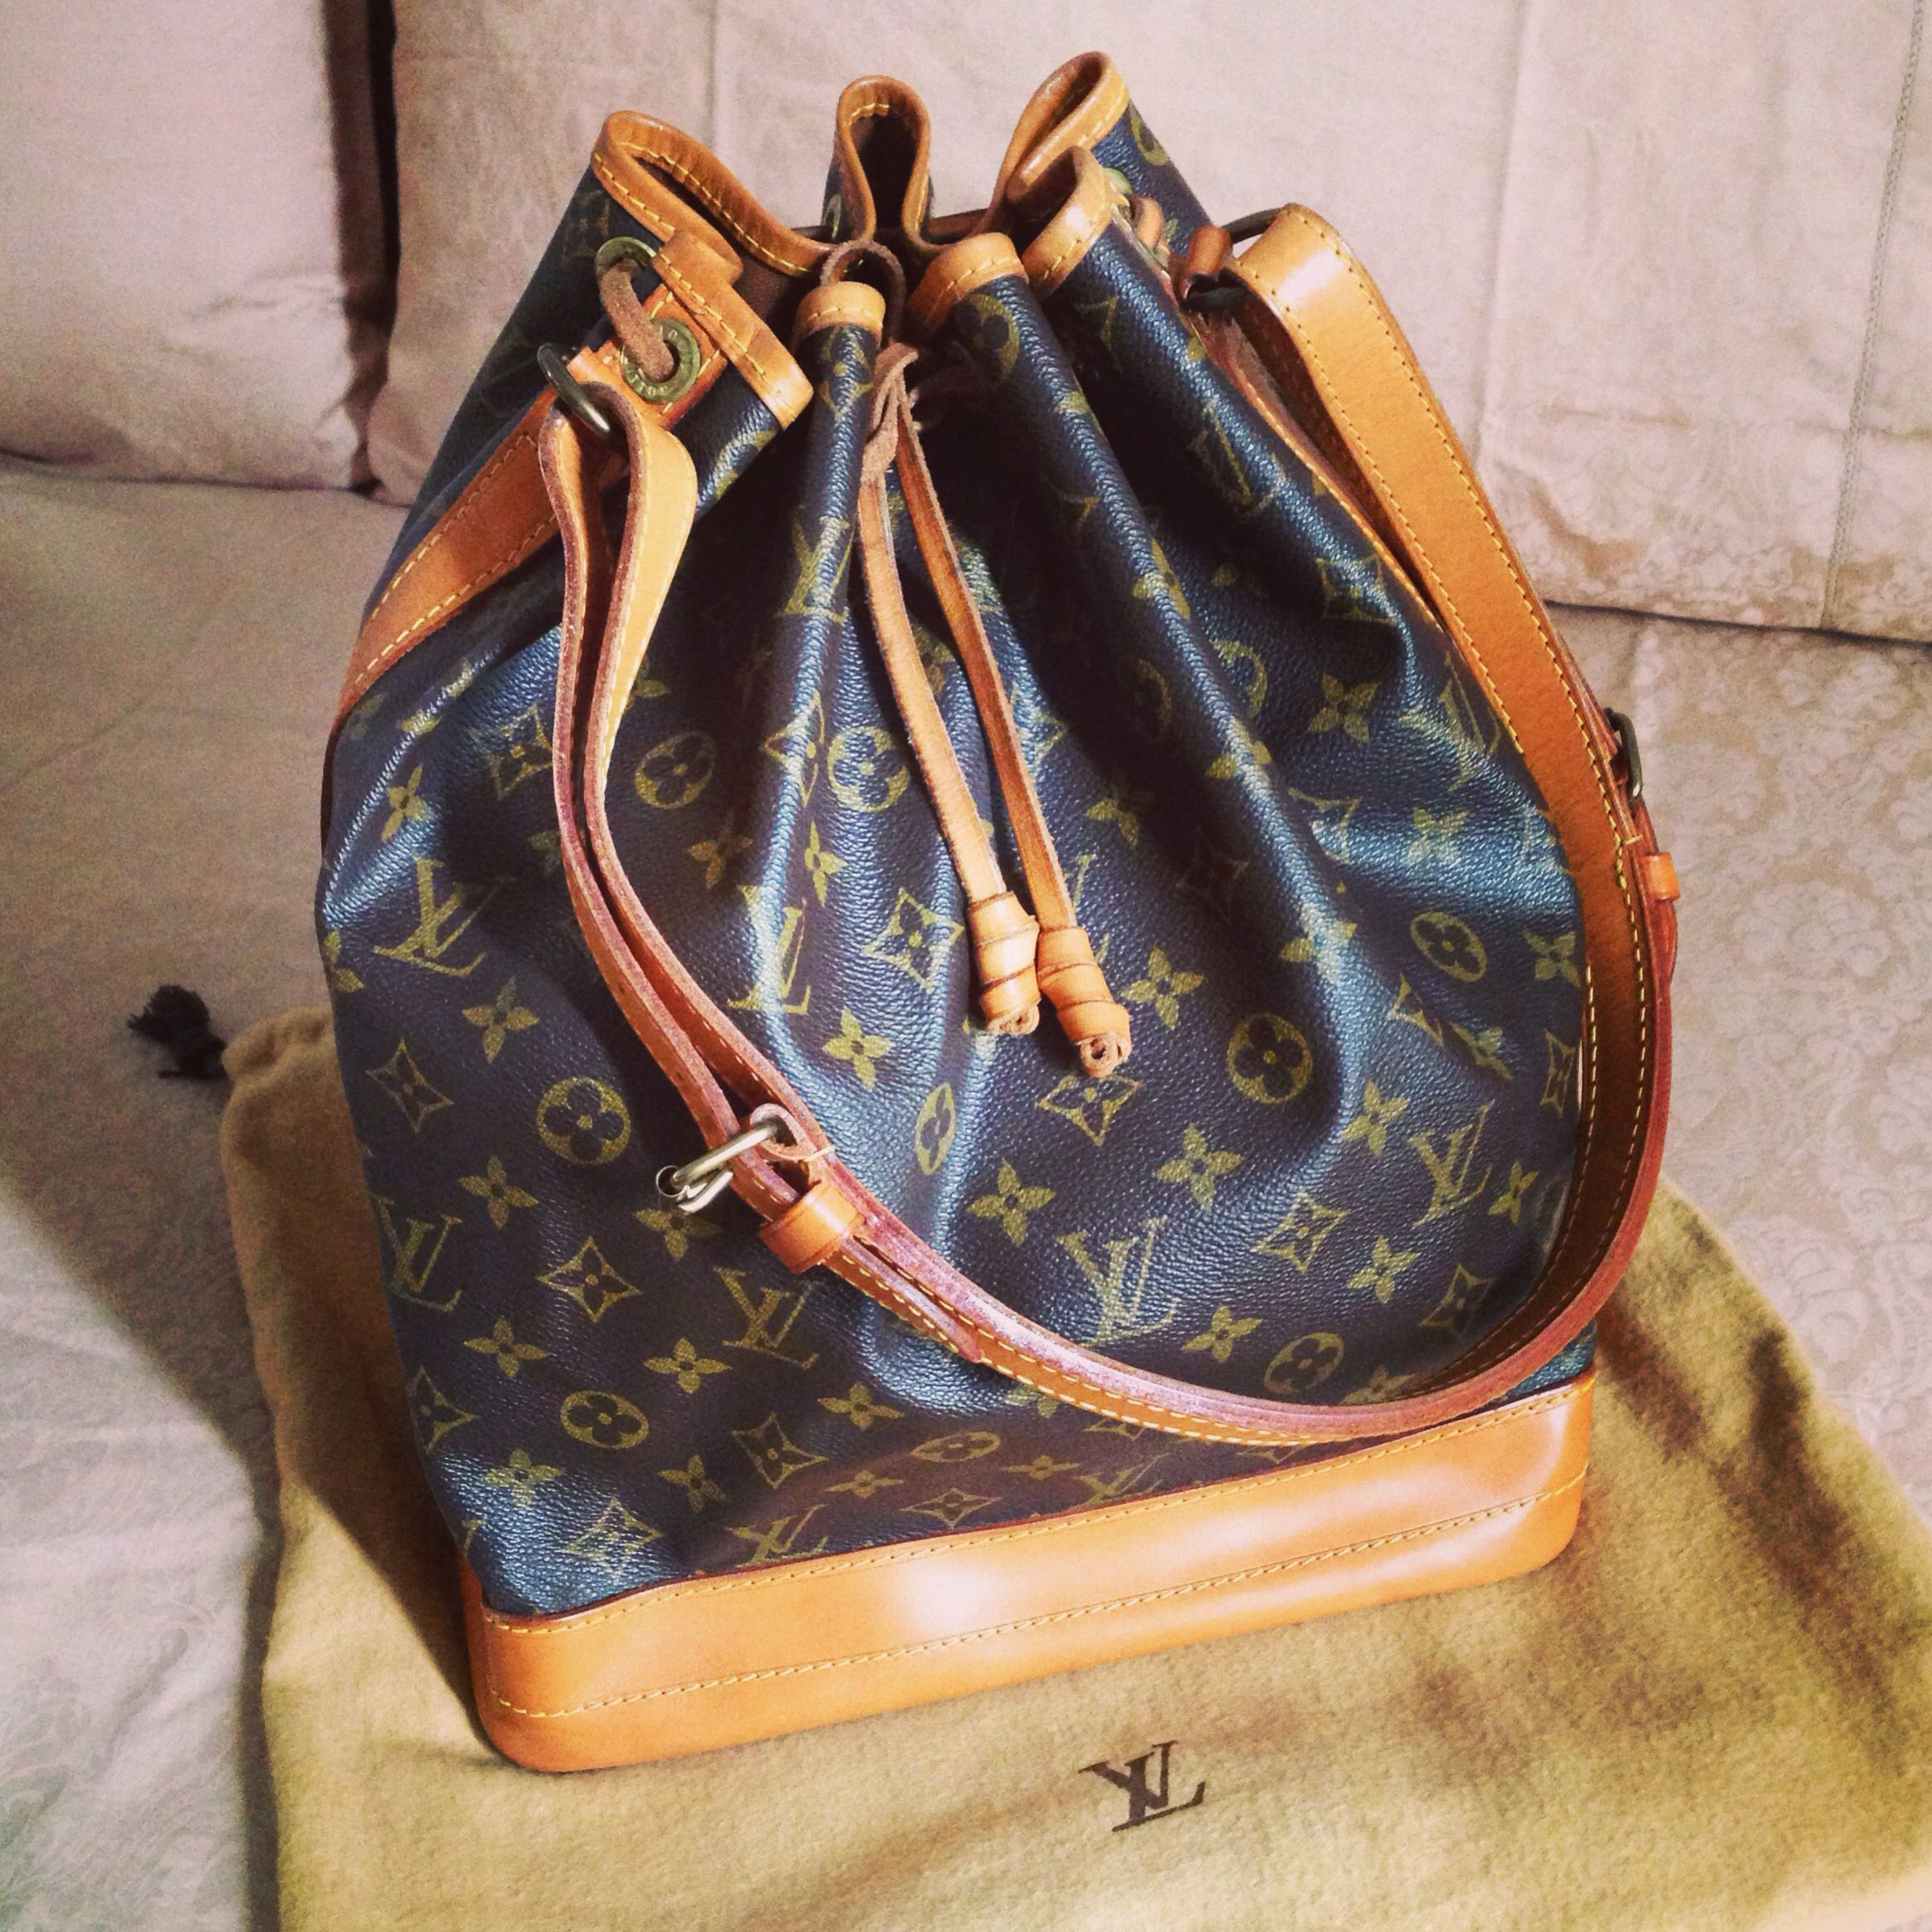 Lv Noe Gm Vintage Louis Vuitton Handbags Vuitton Noe Louis Vuitton